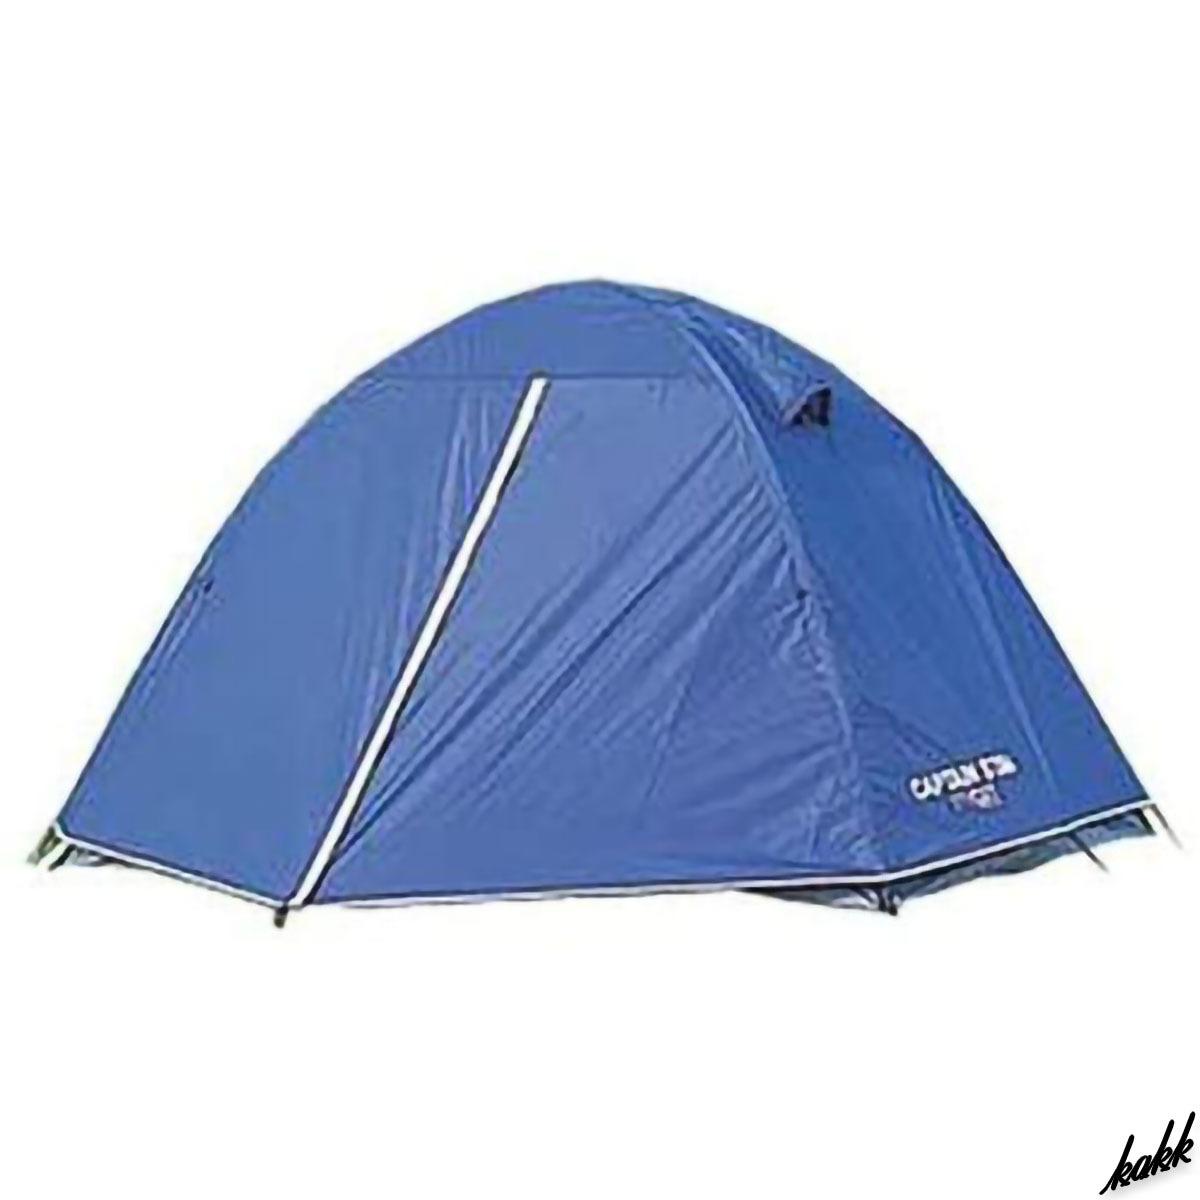 【コンパクト収納ツーリングテント】 ドーム型 テント 通気性 結露防止 ソロ ツーリング アウトドア レジャー キャンプ ブルー